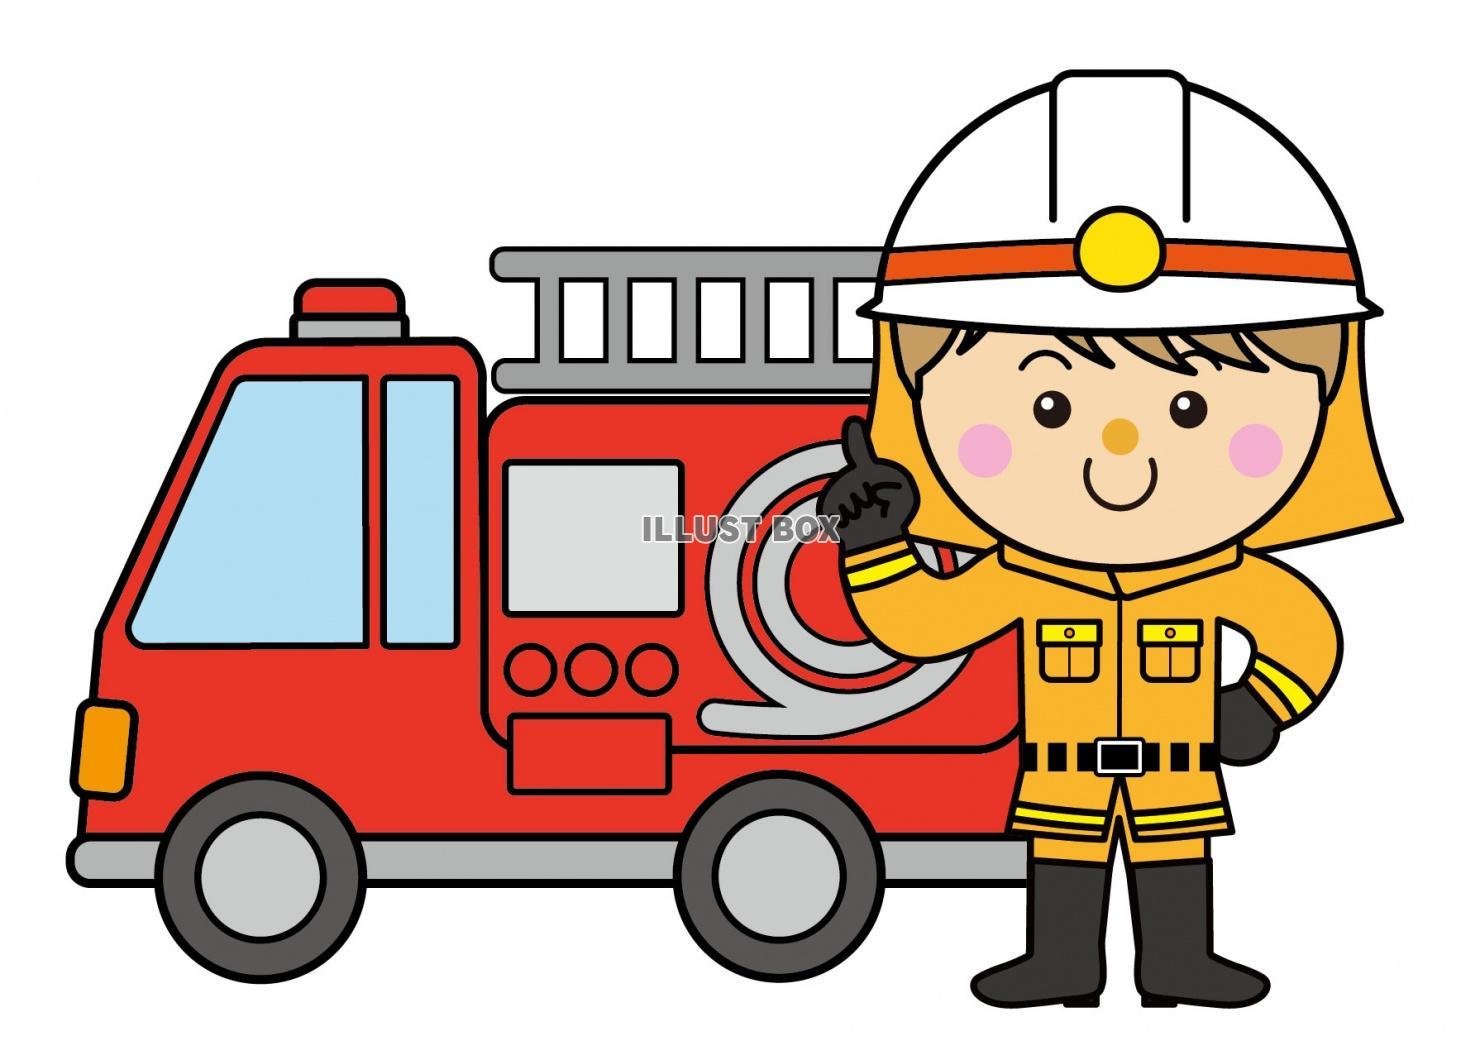 消防士 夏のボーナス